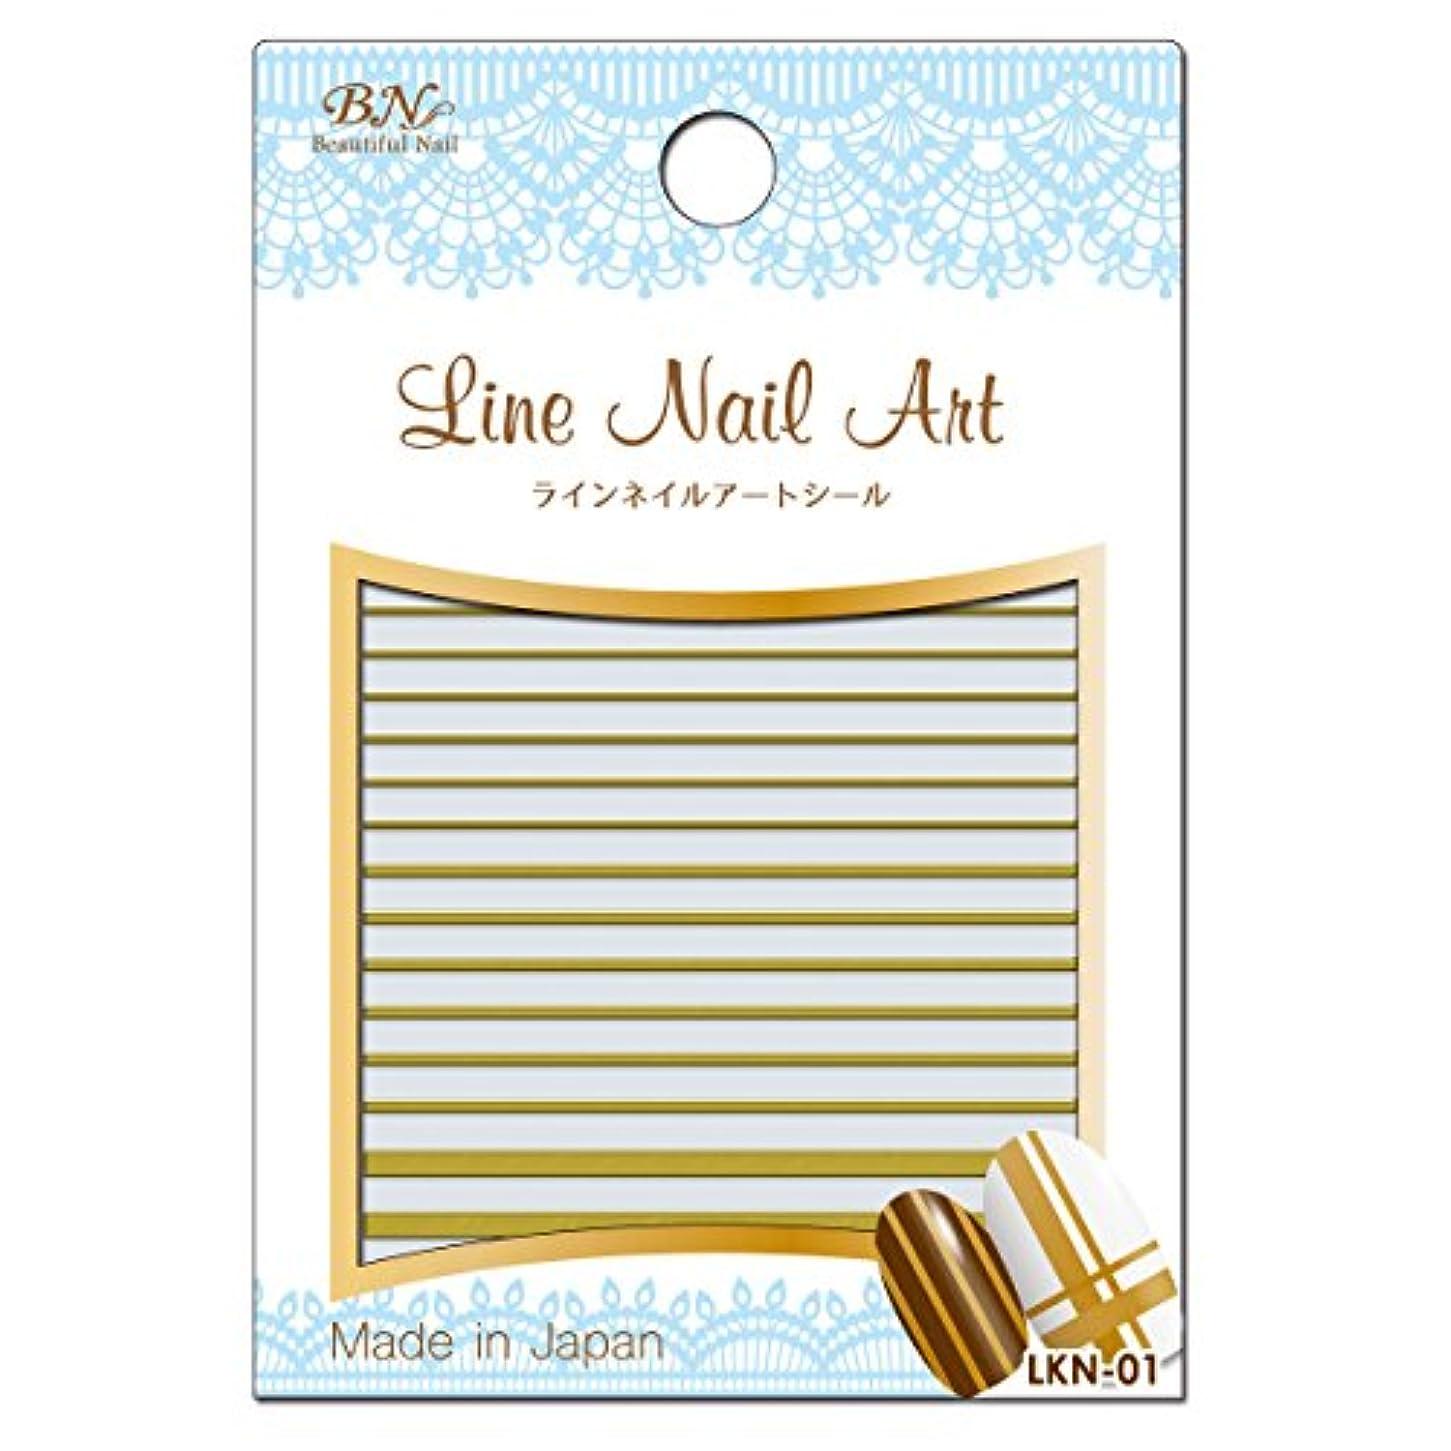 小石感動する慢なBN ラインネイルアートシール LKN-01 ライン 箔ゴールド (1シート)